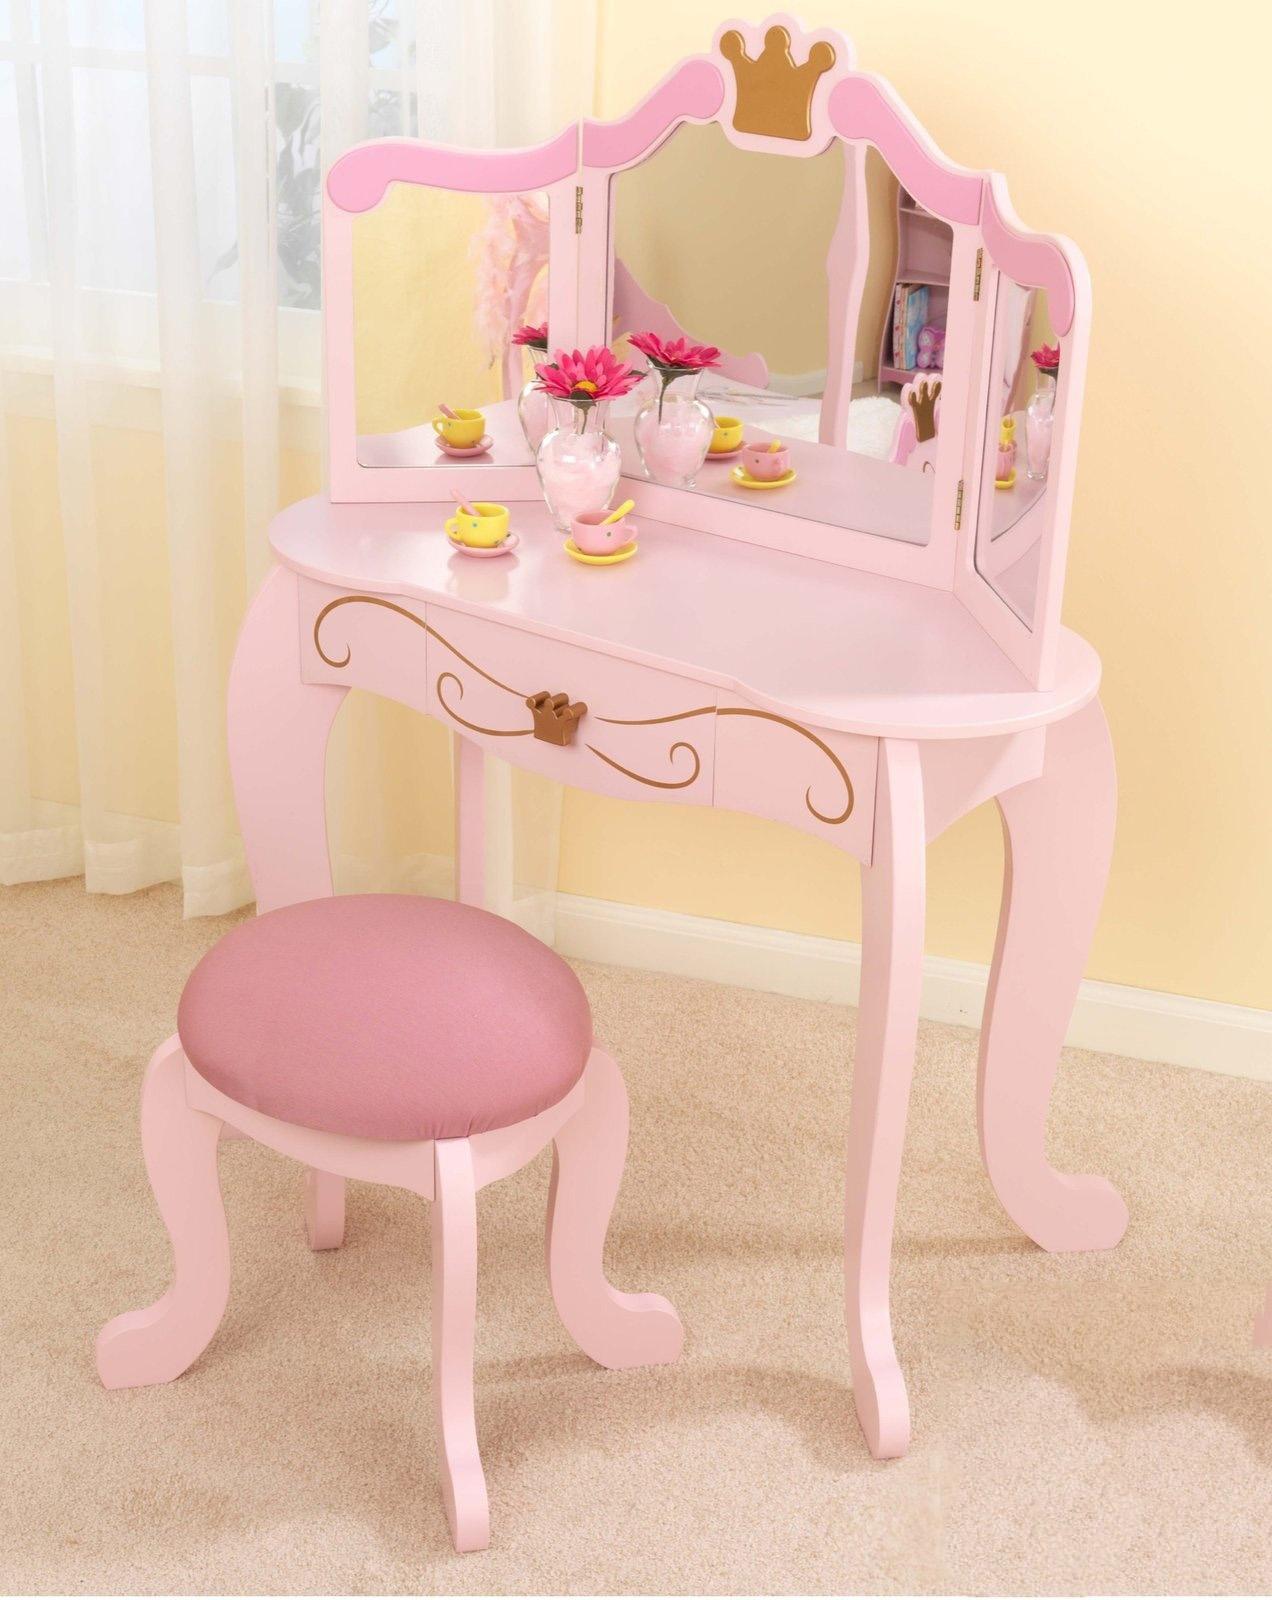 Детский туалетный столик игрушечный стол для детей